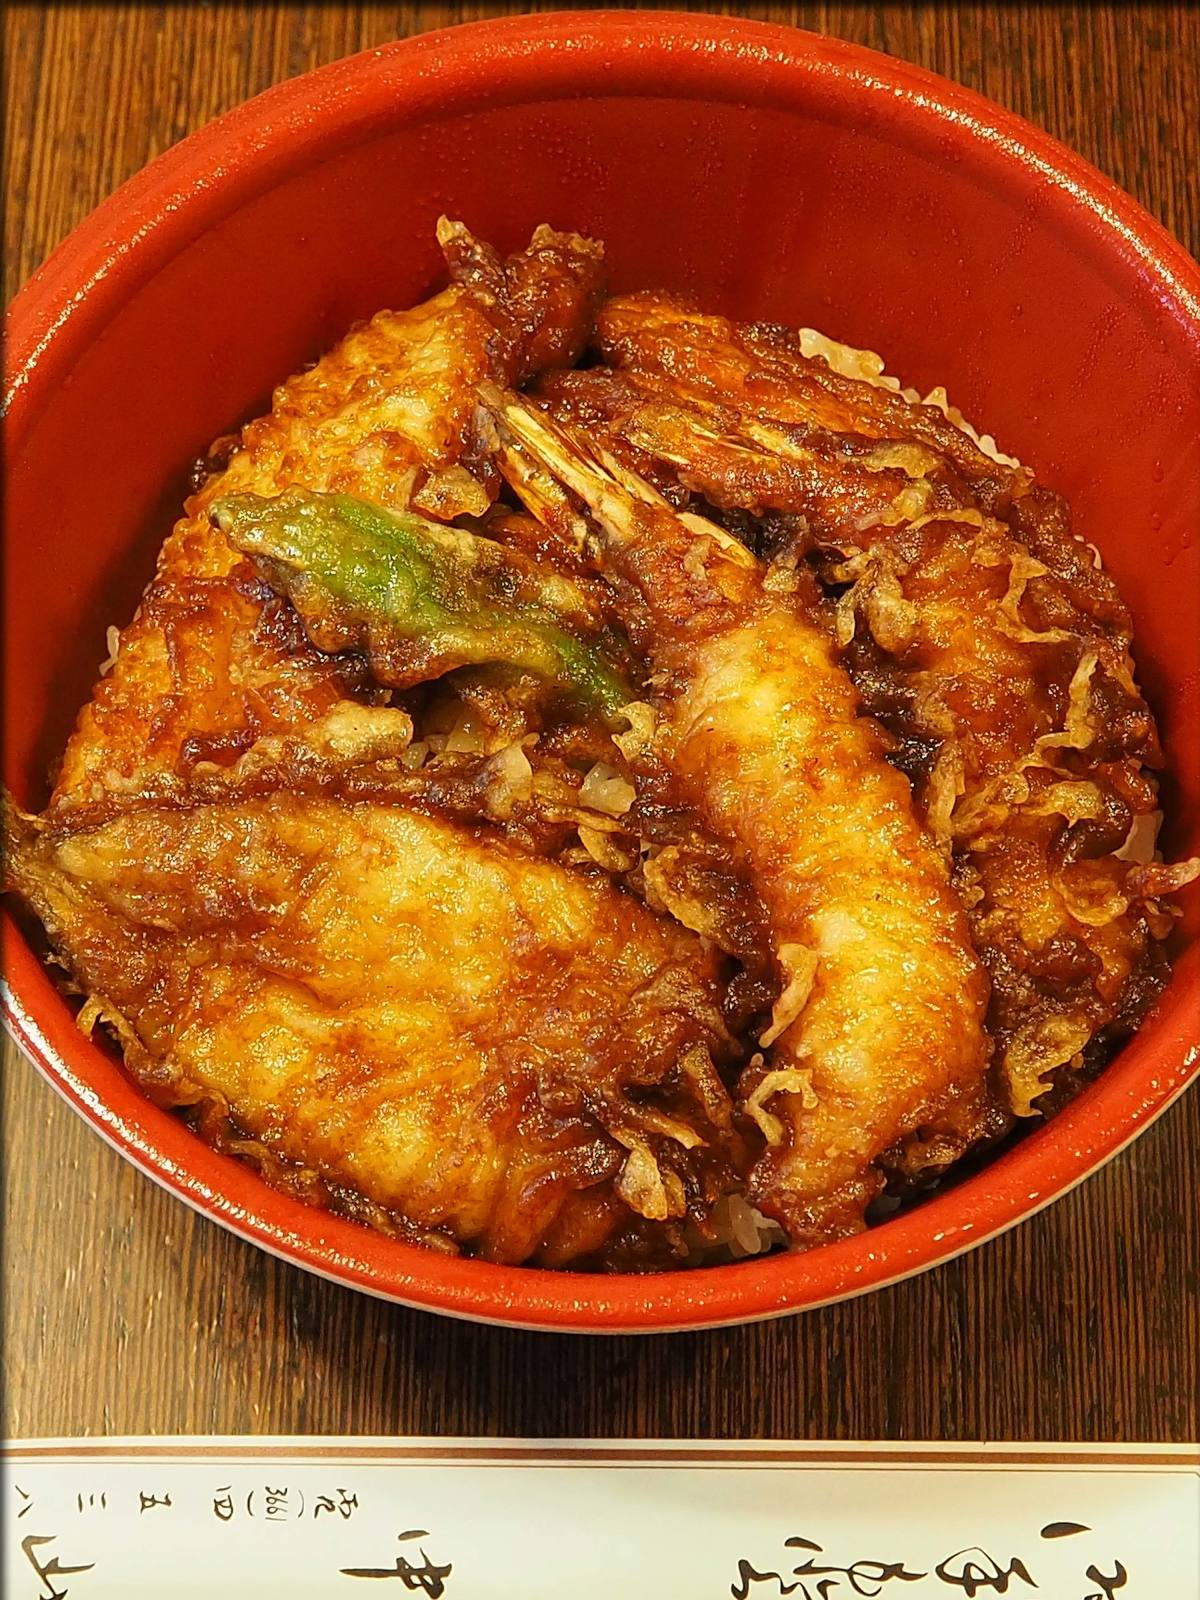 天ぷら 中山の黒天丼をテイクアウト@日本橋人形町_b0054329_09222147.jpg